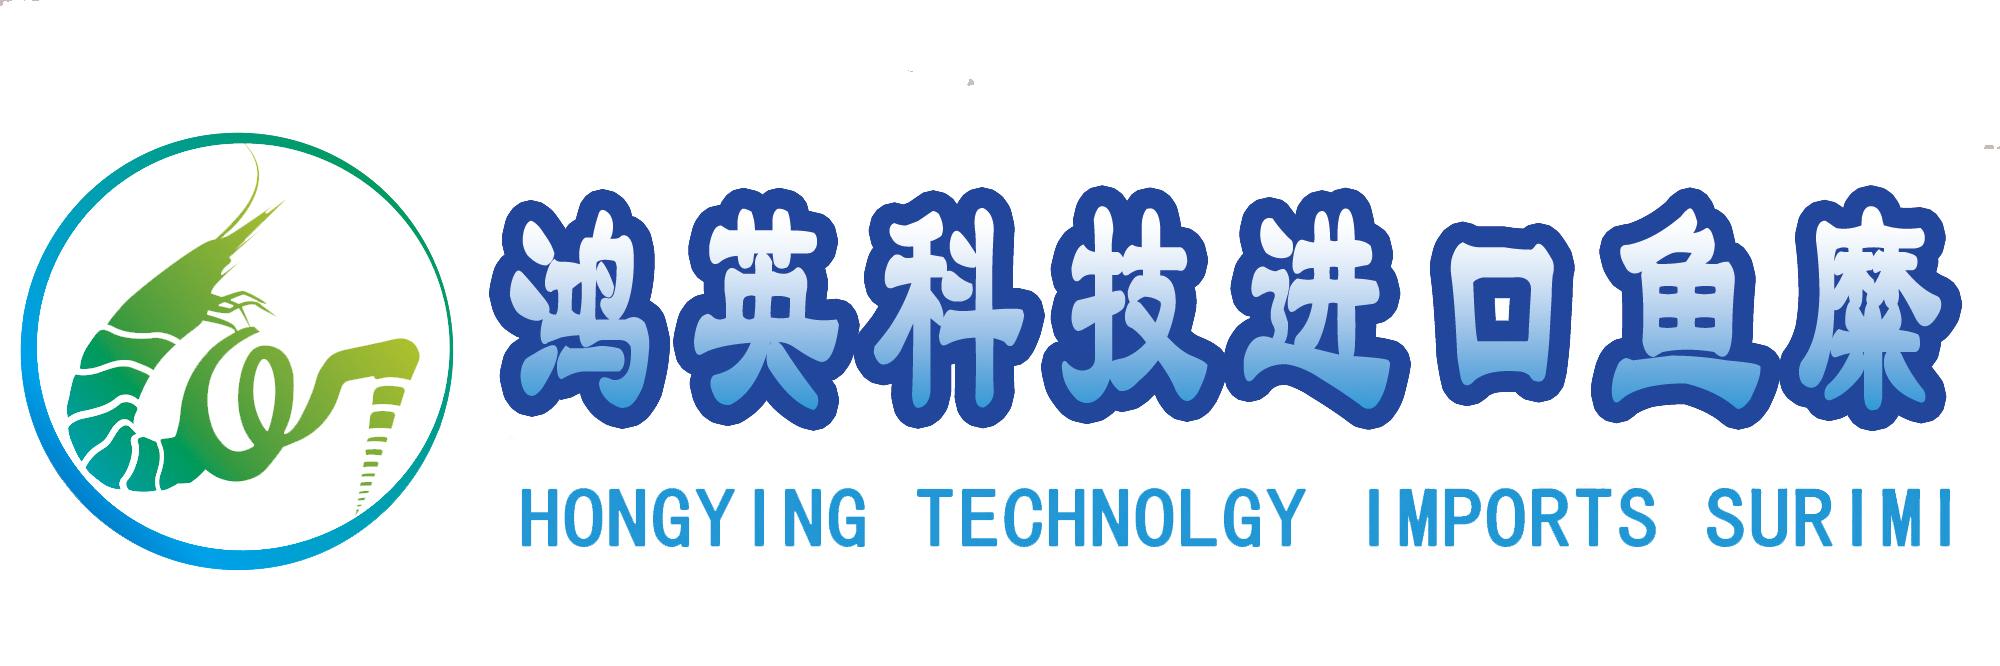 龙岩鸿英科技发展有限公司